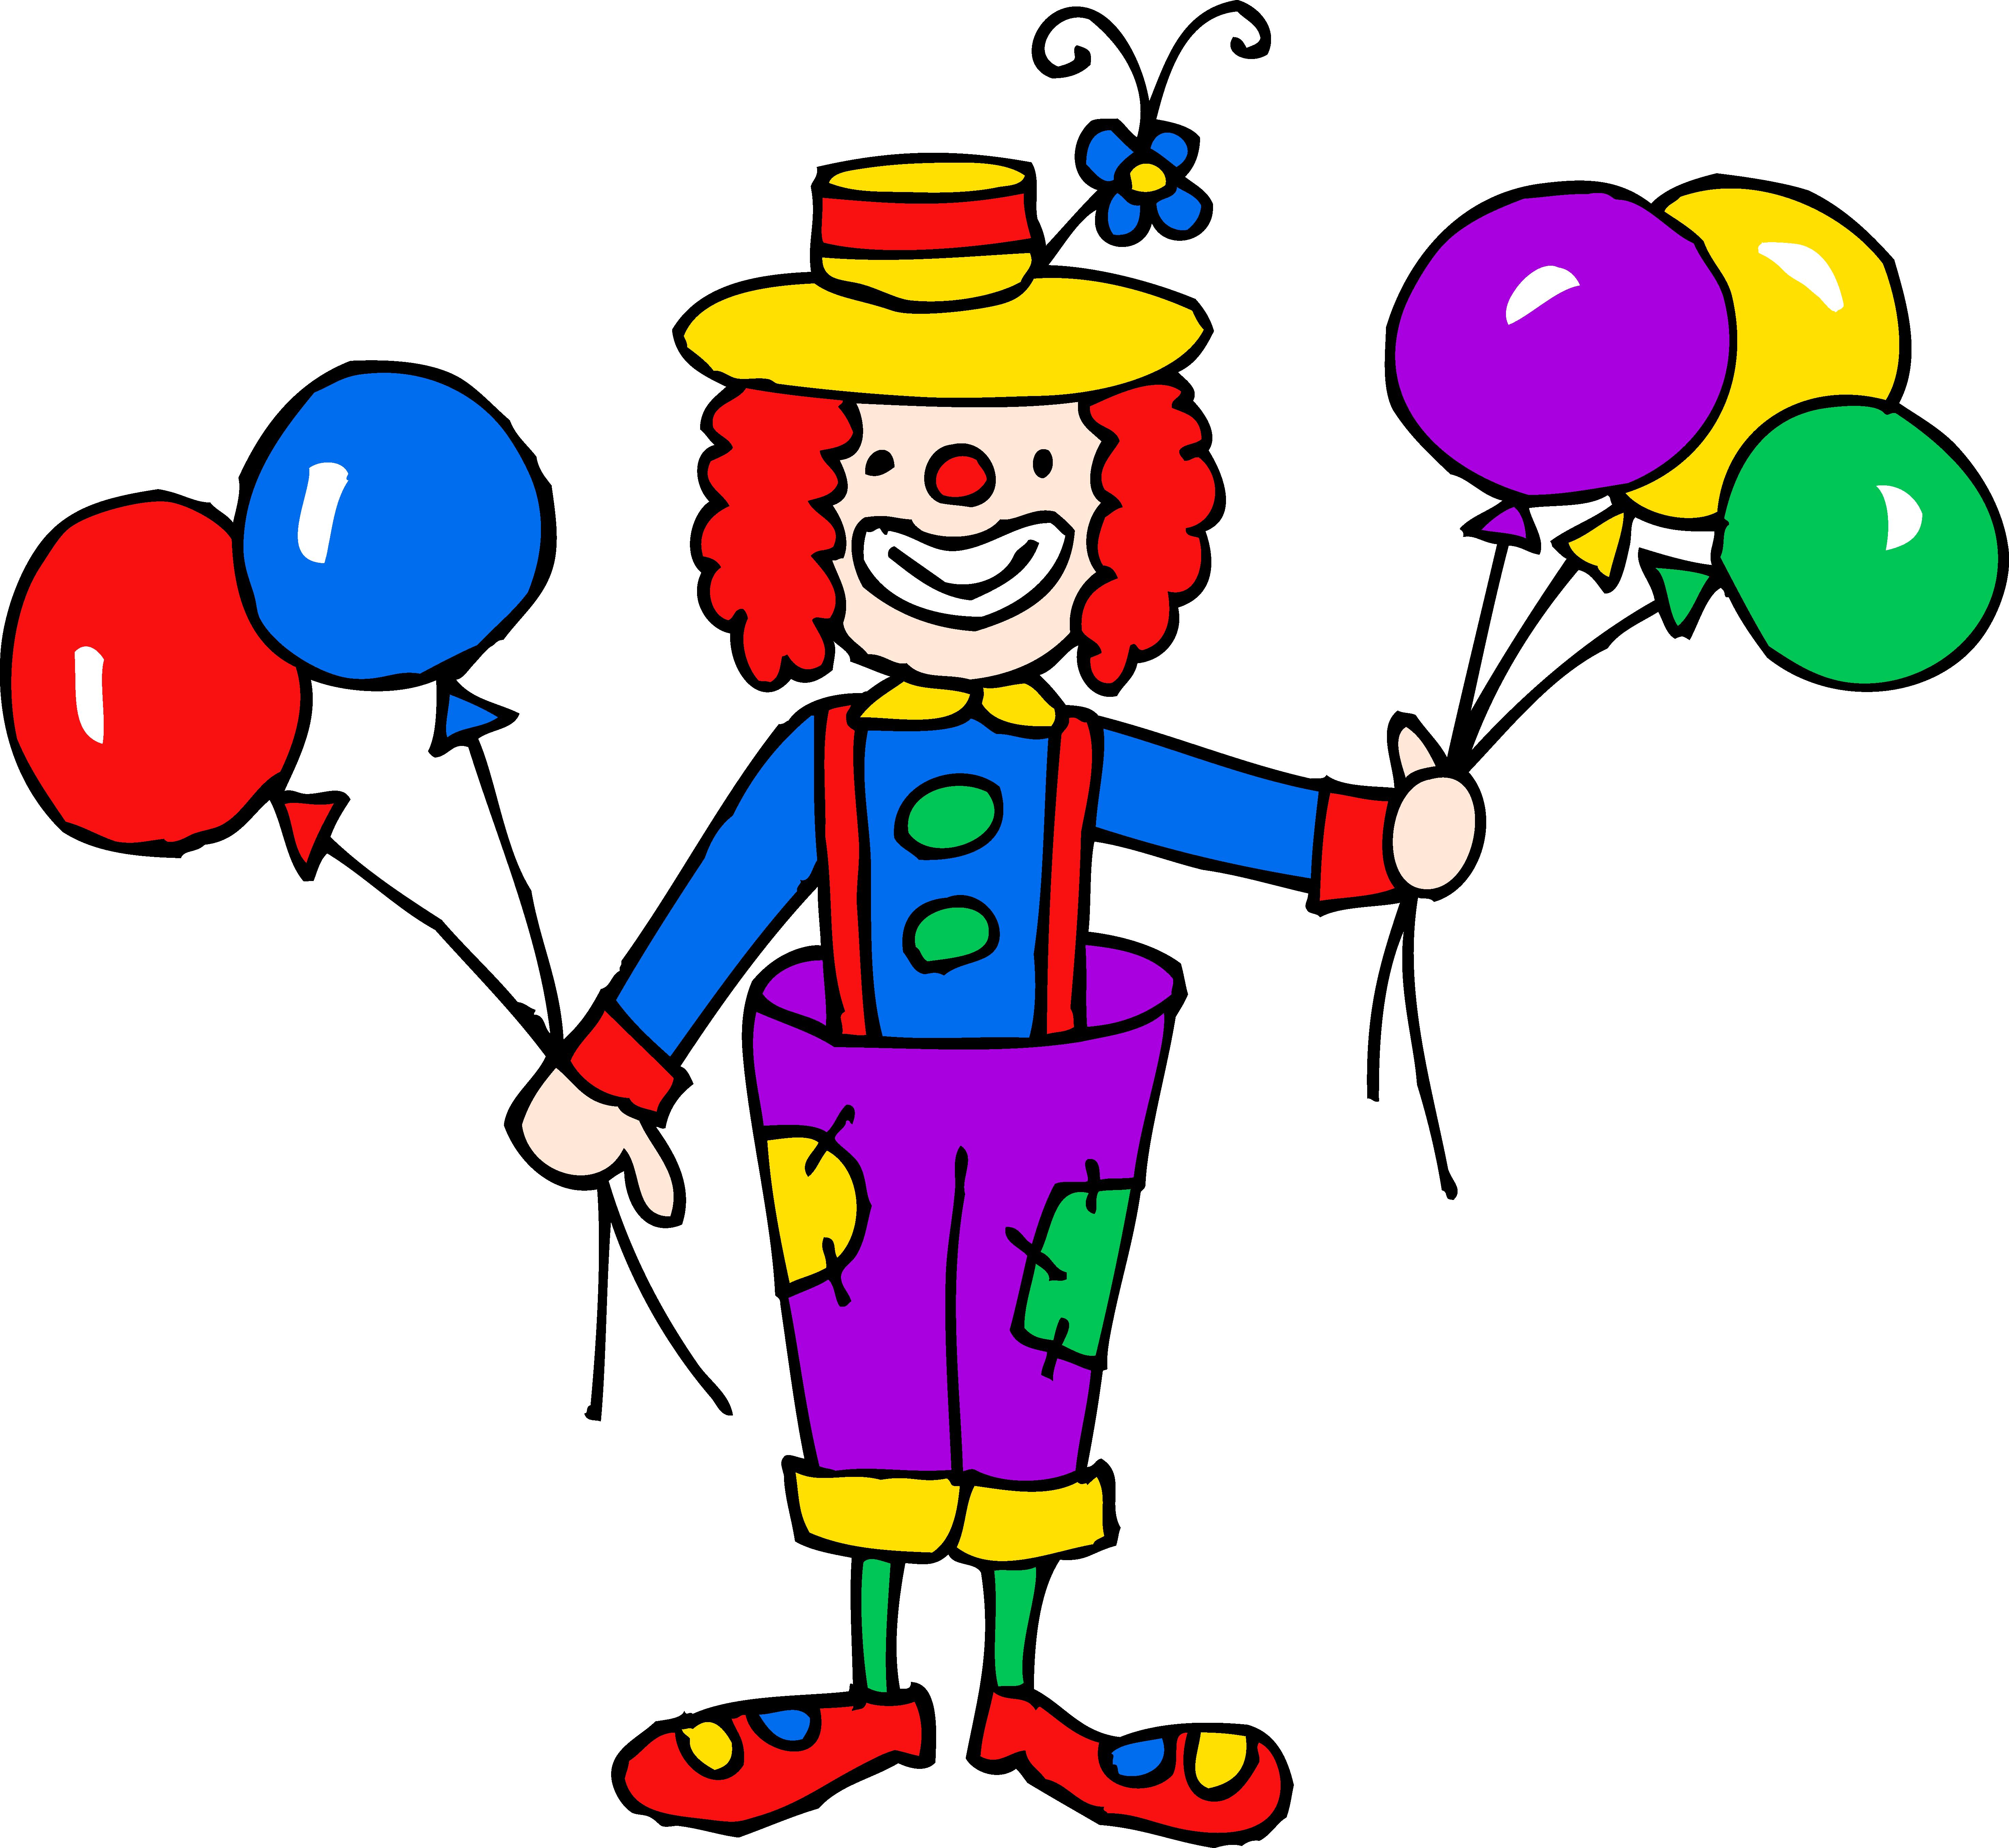 5891x5418 Cute Colorful Clown Clipart